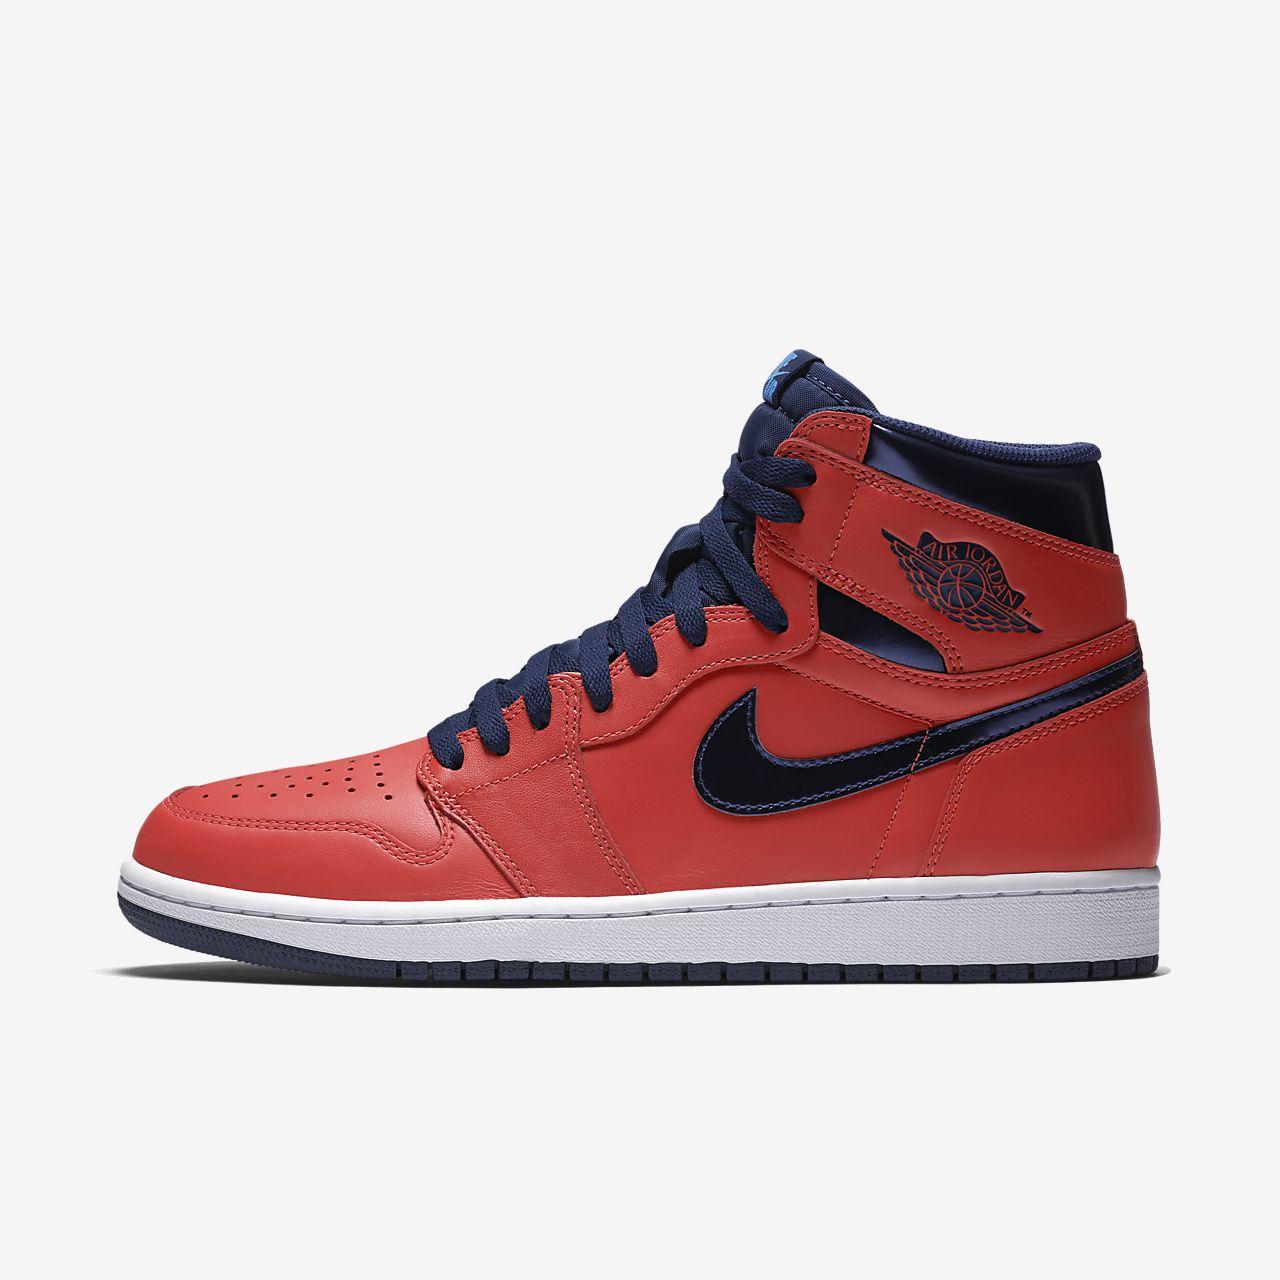 722ffd367d0c Air Jordan 1 Retro High OG Shoe. Nike.com CA